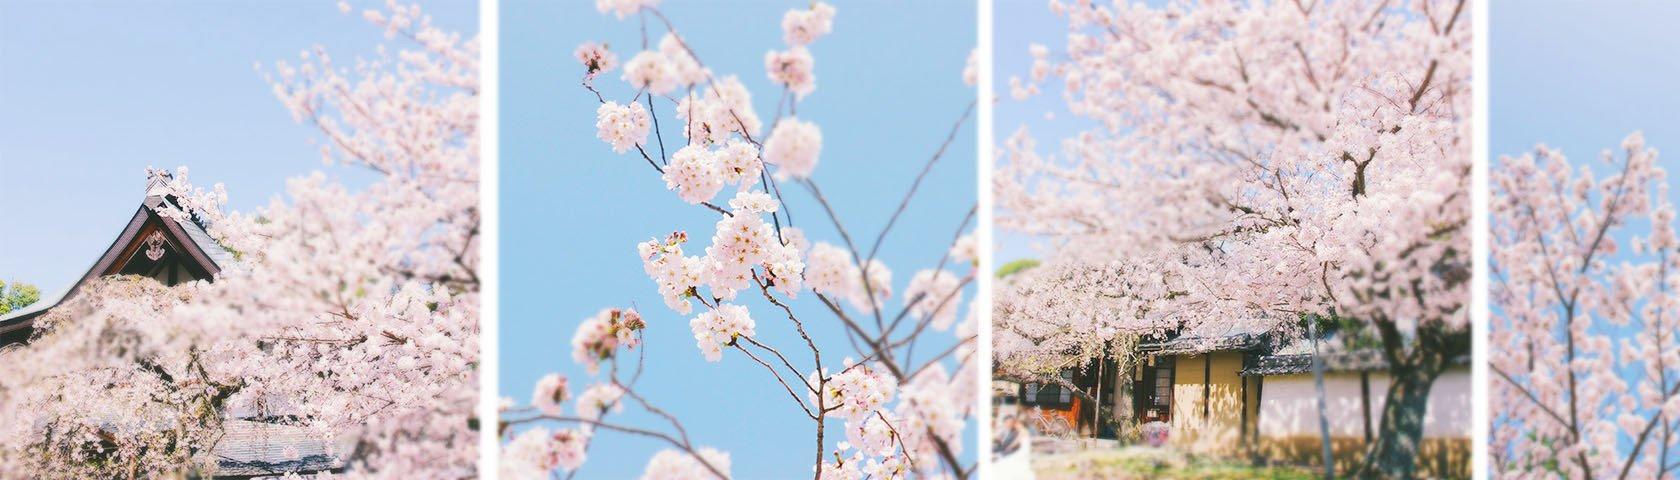 樱花在等我,一期一会